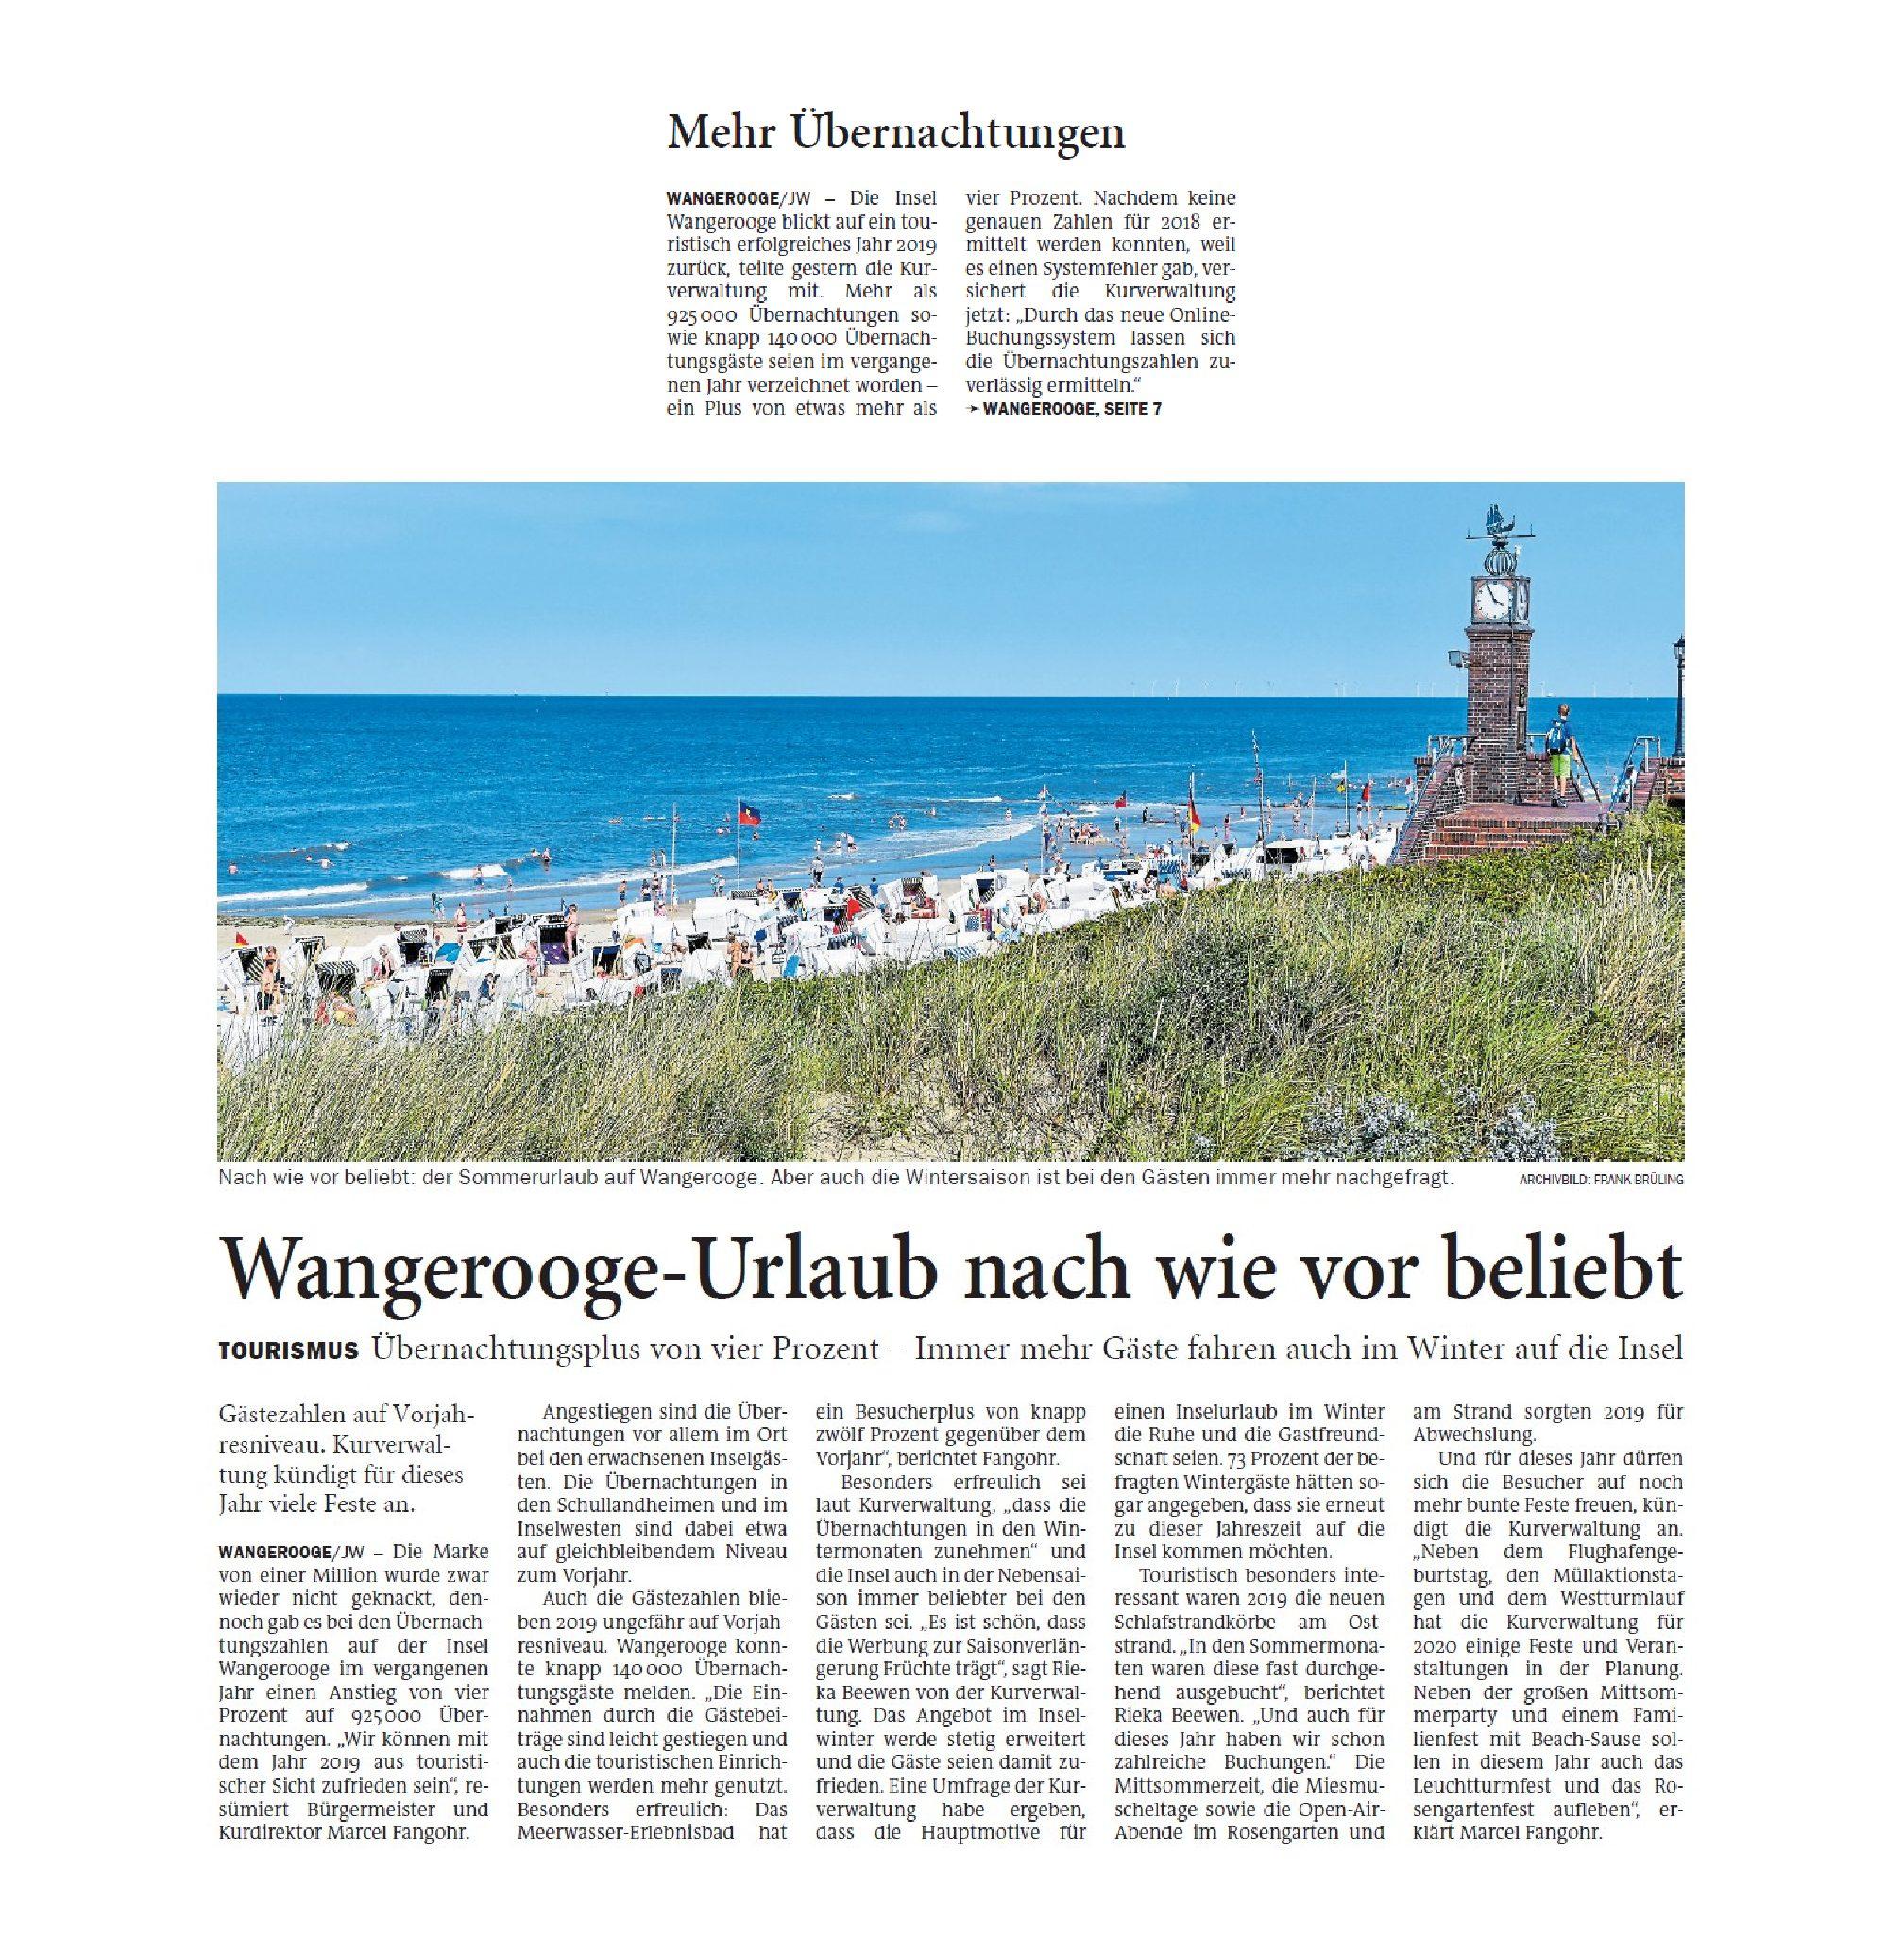 Jeversches Wochenblatt 20.02.2020